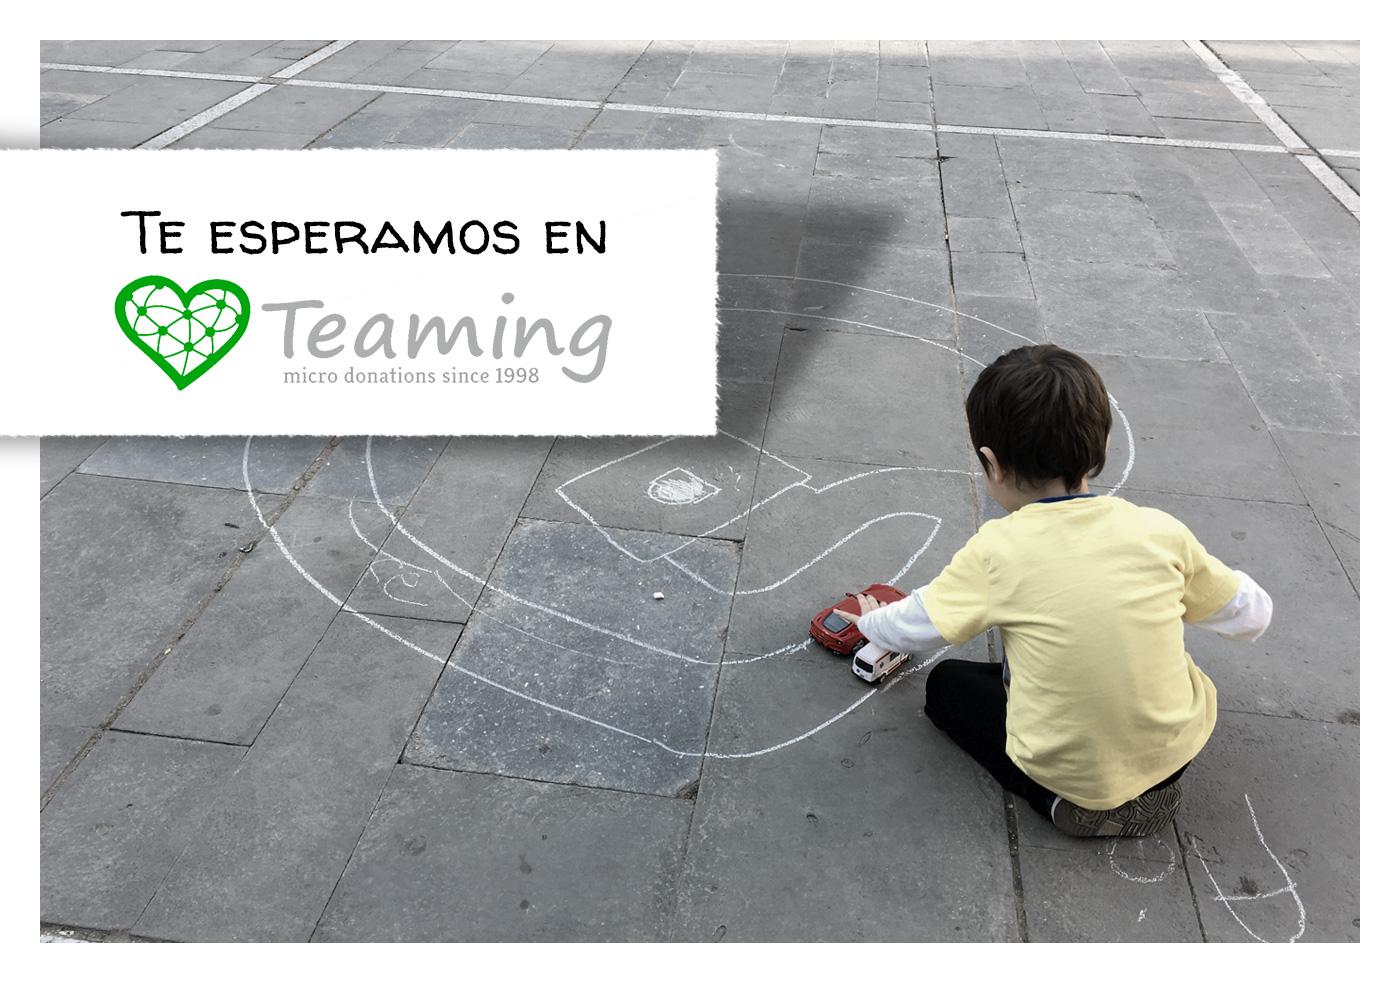 Estamos_en_Teaming